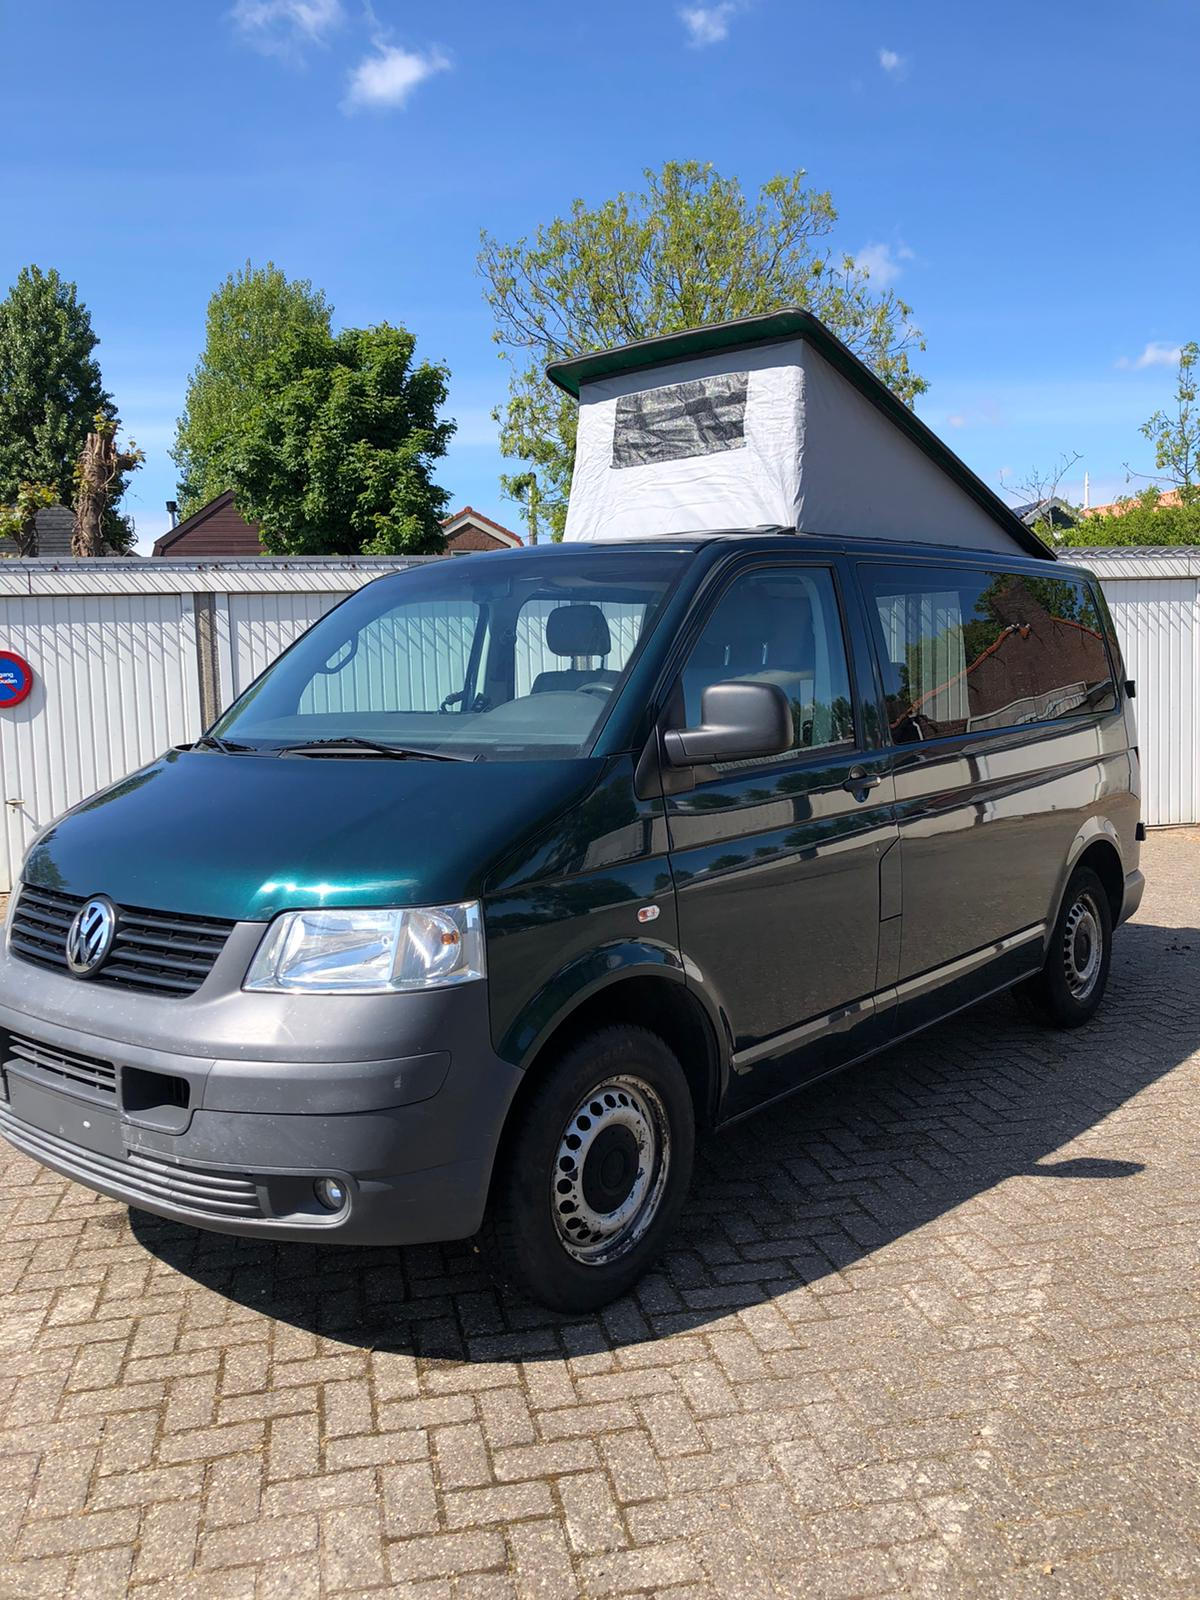 Volkswagen Transporter t5 4motion Camper Image